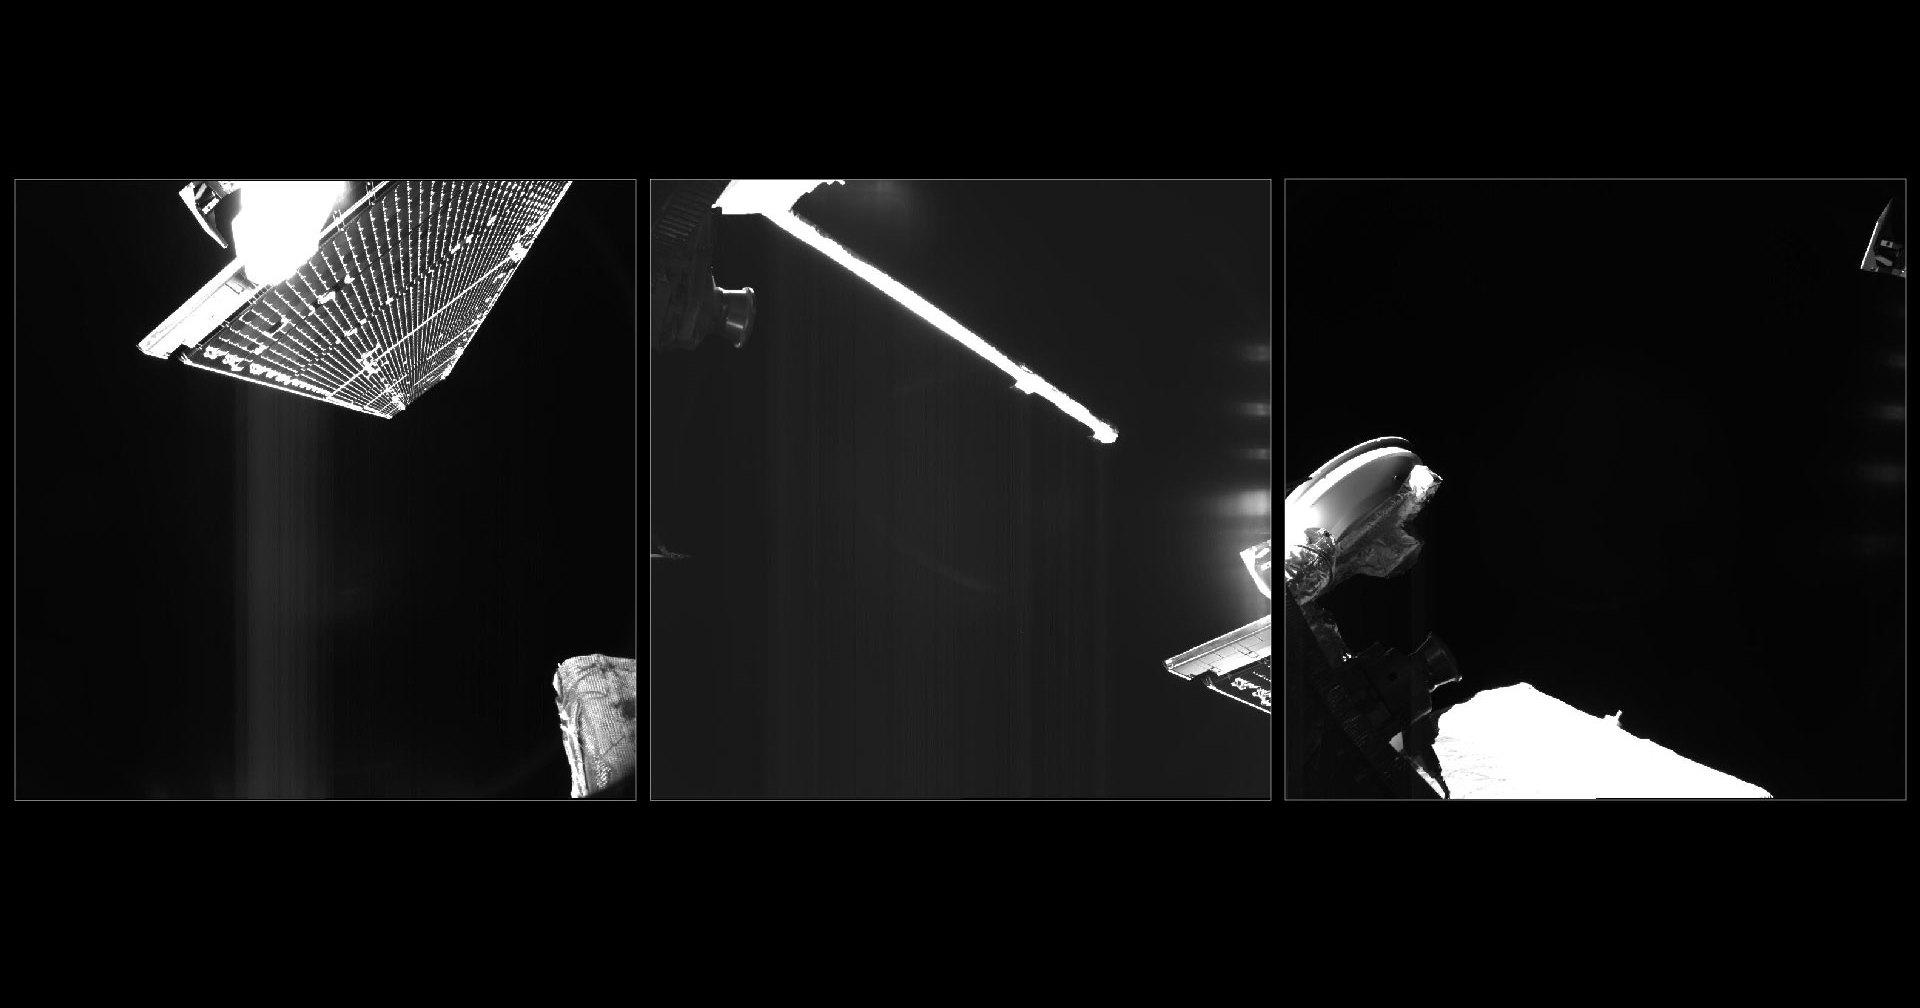 Аппарат BepiColombo сделал селфи на пути к Меркурию